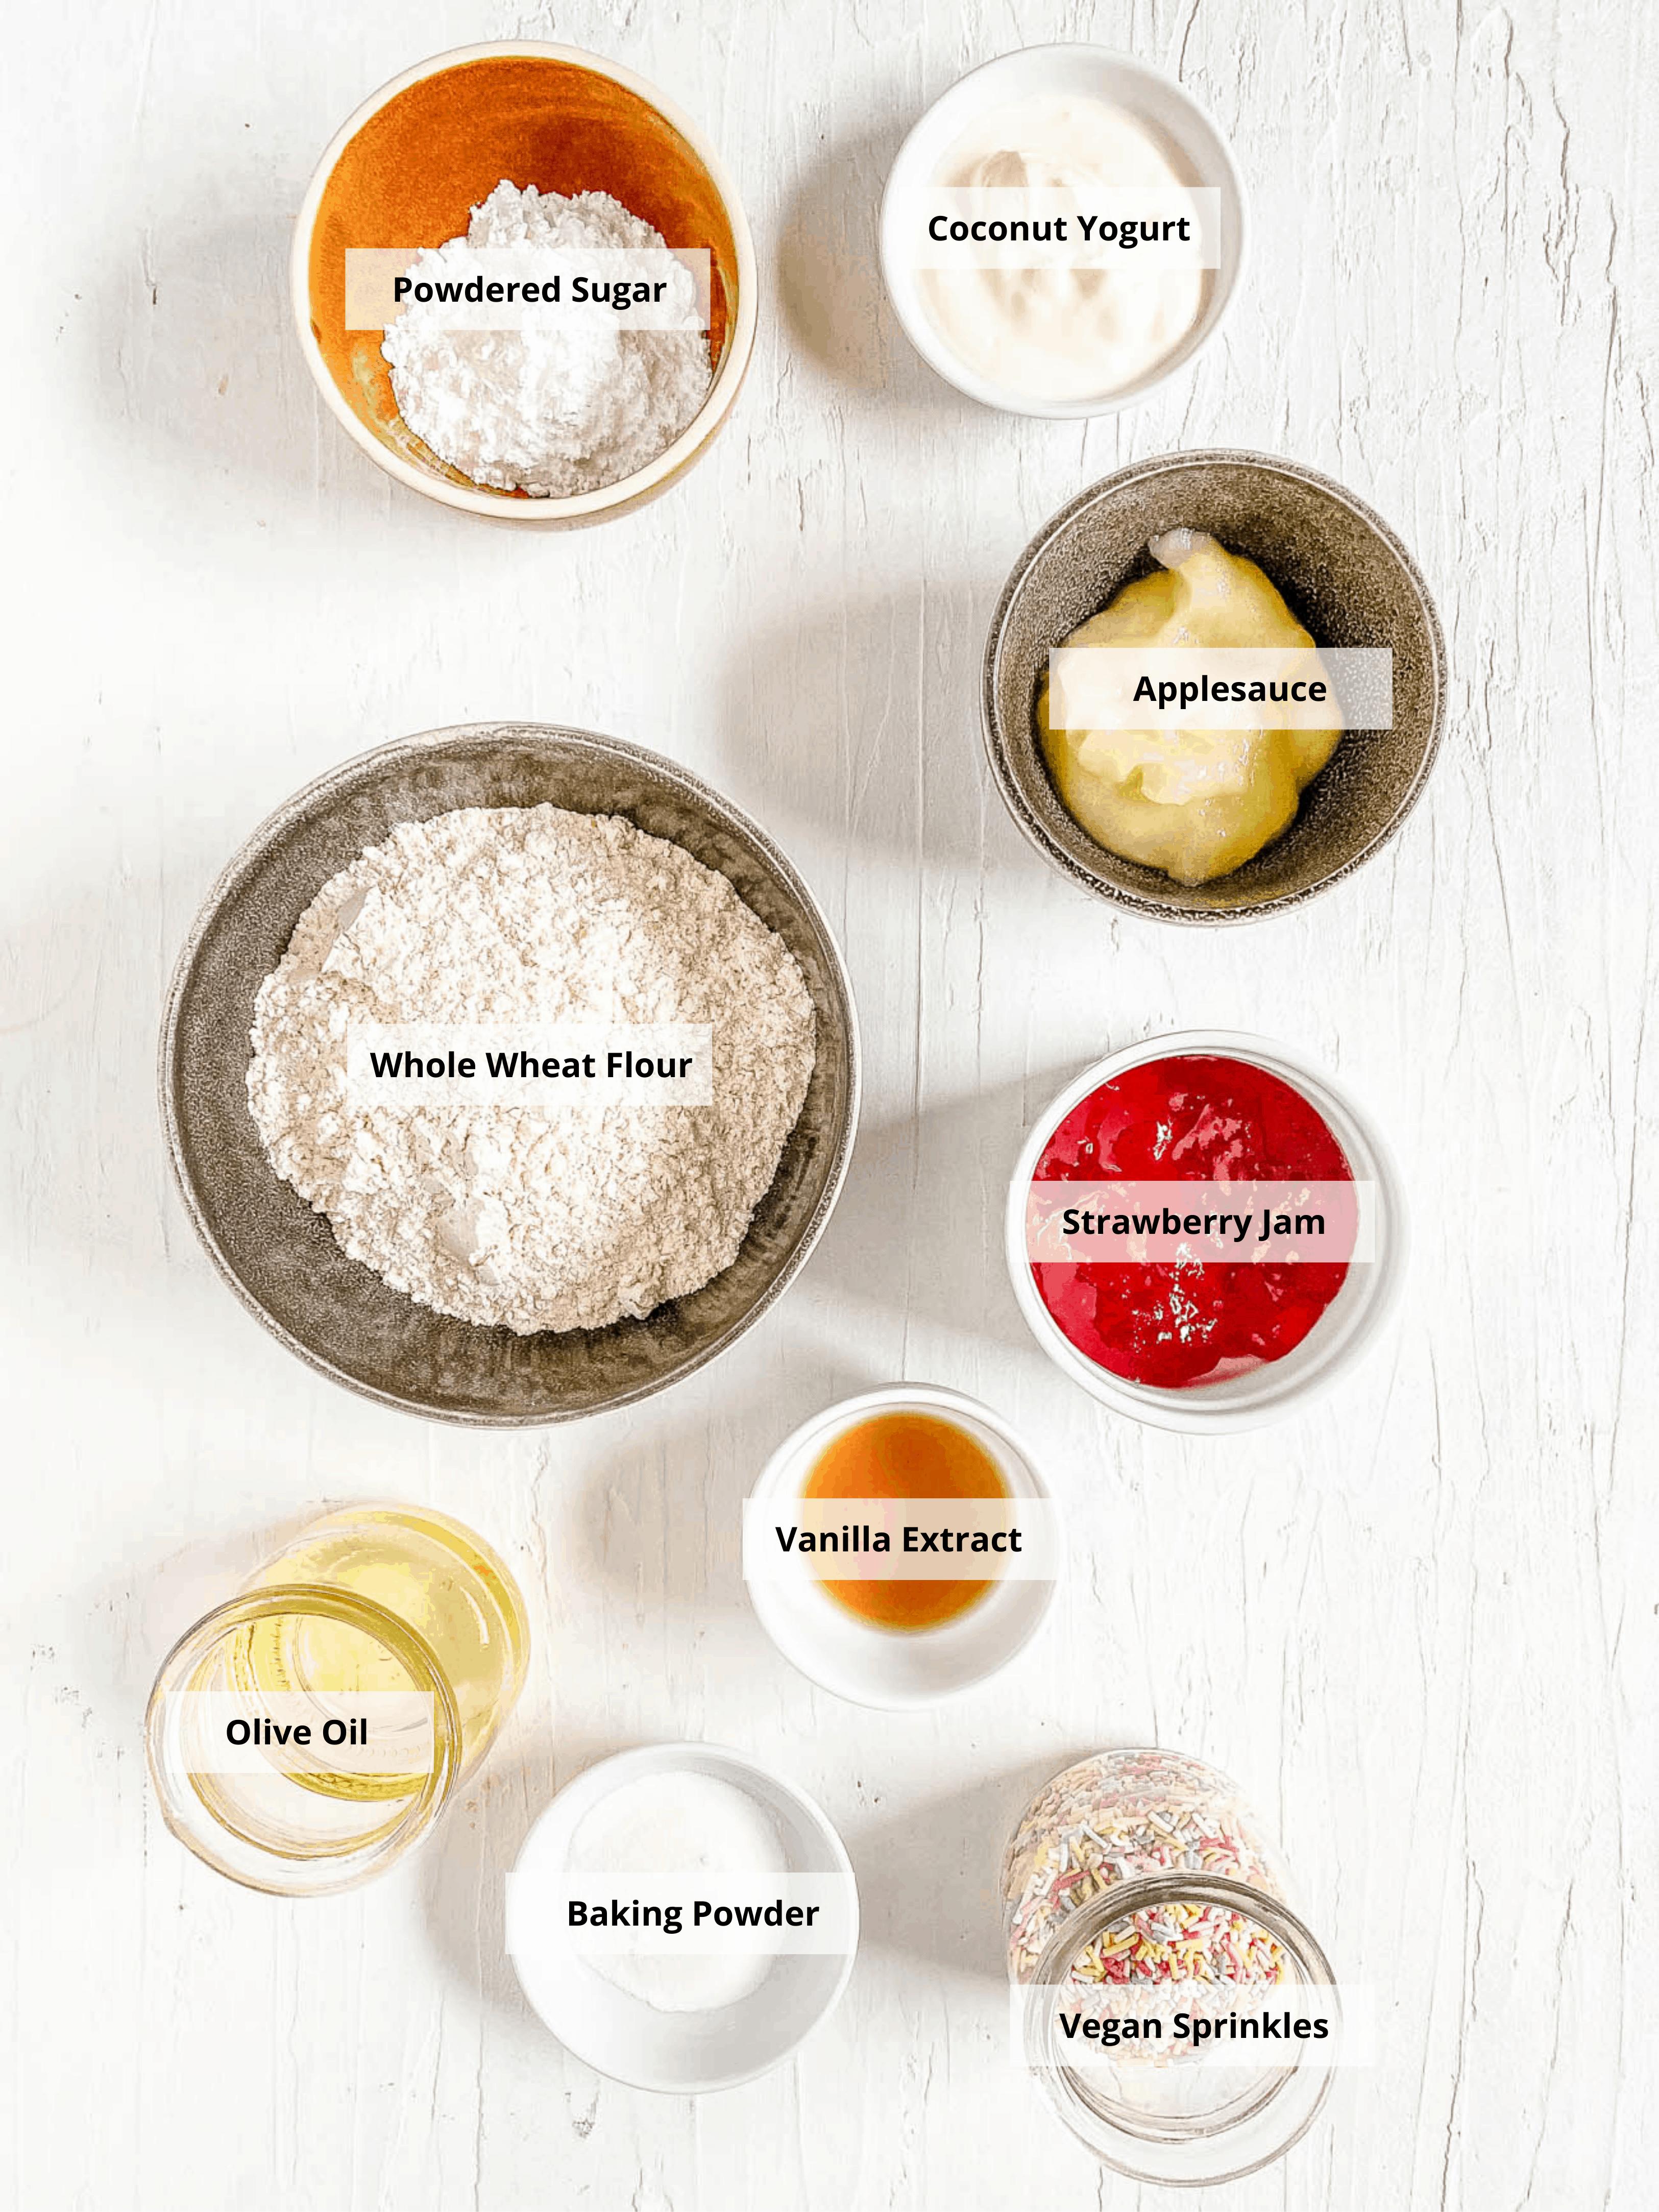 ingredients for healthy vegan pop tarts